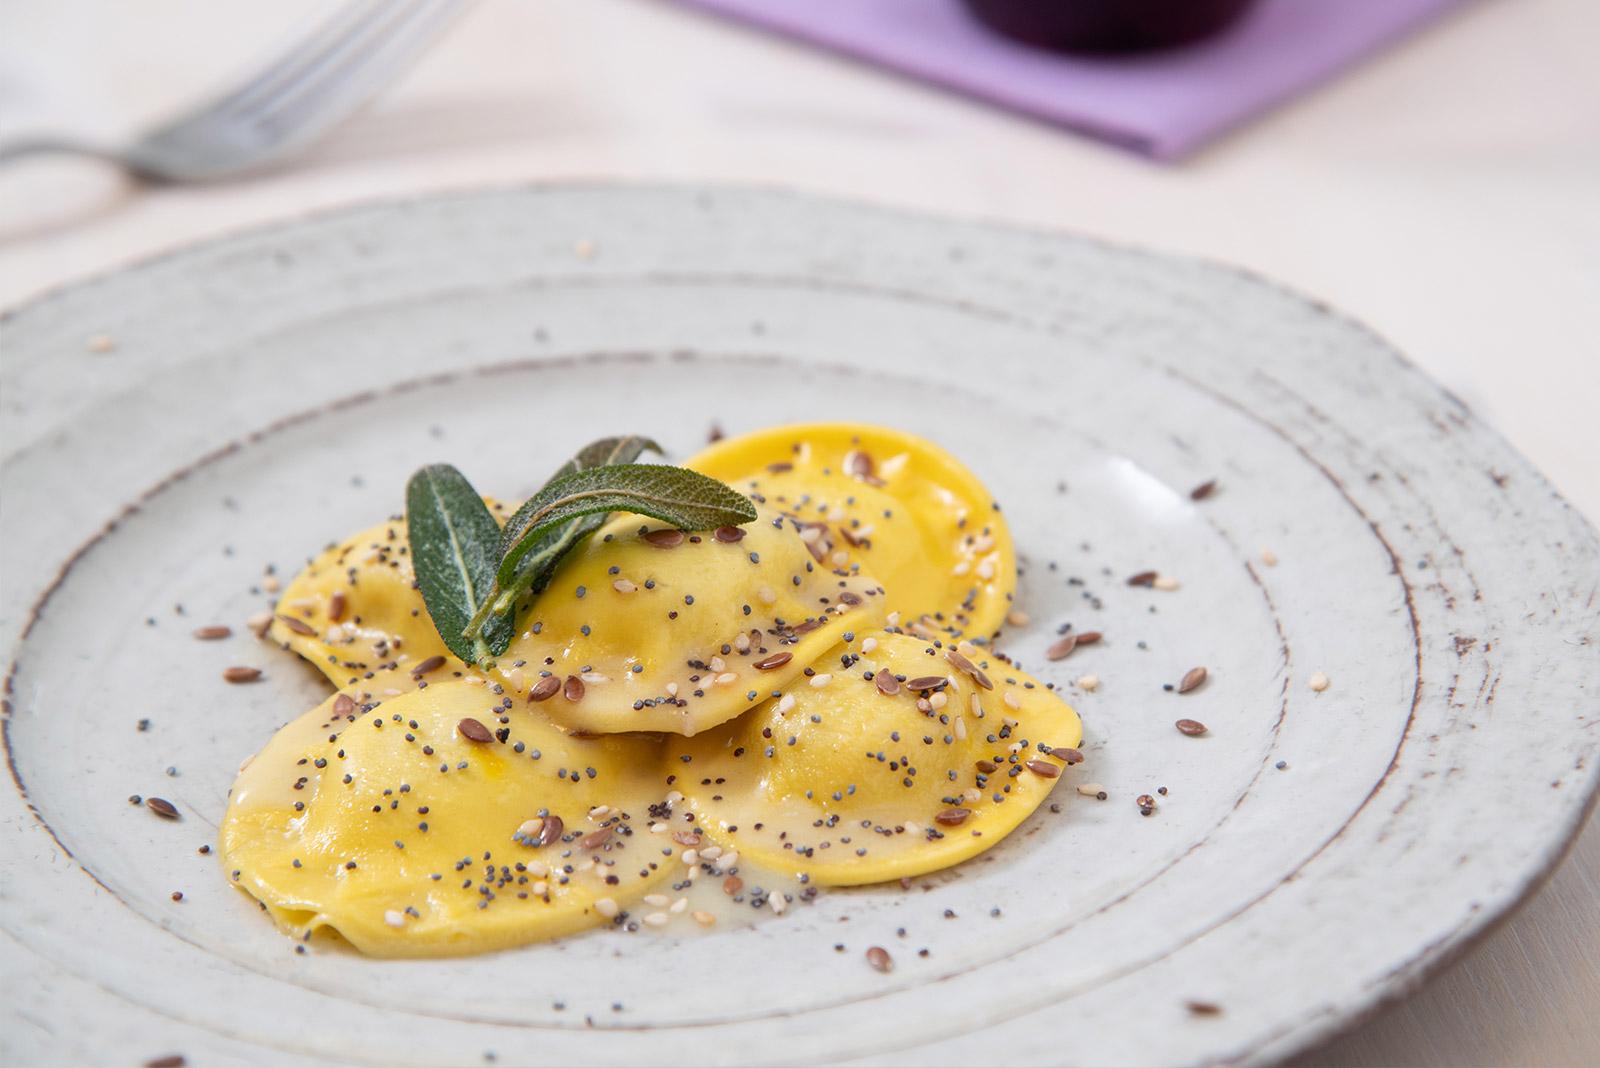 Ricetta Panciotti al tartufo con crema di burro di semi misti e salvia fritta - Pasta di Venezia